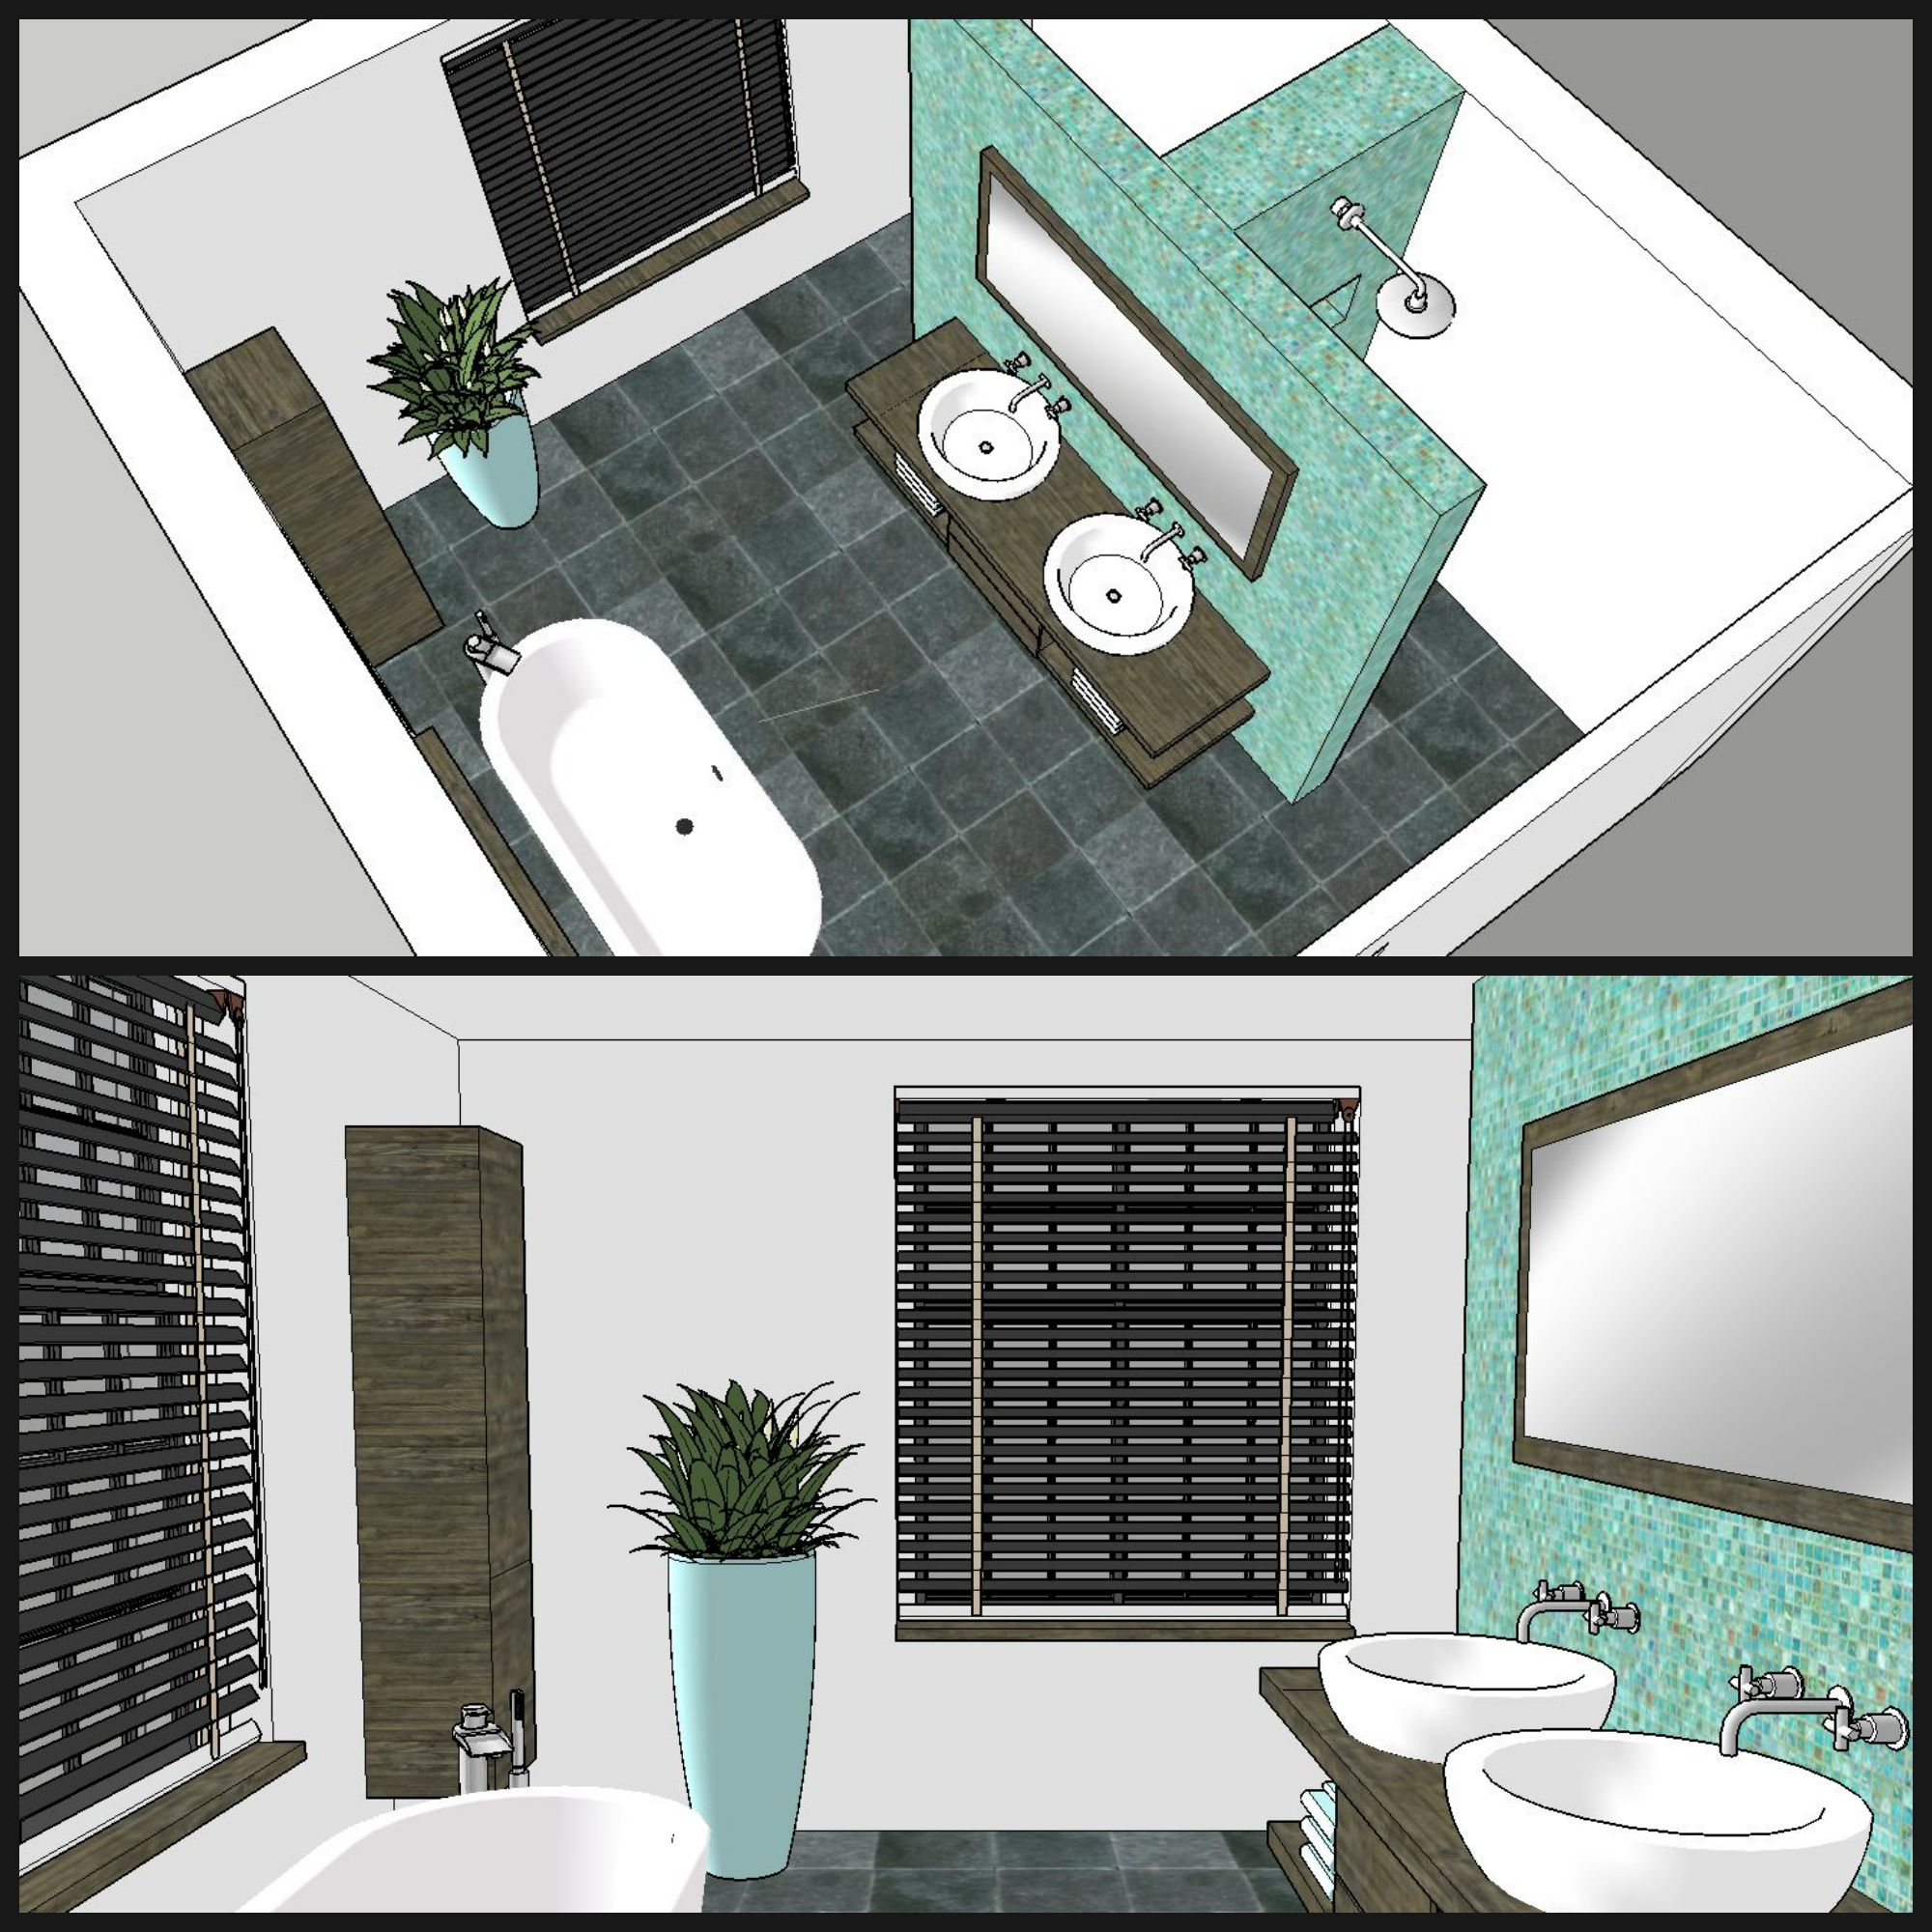 Badezimmer Einteilung T-Form | New home in 2019 ...